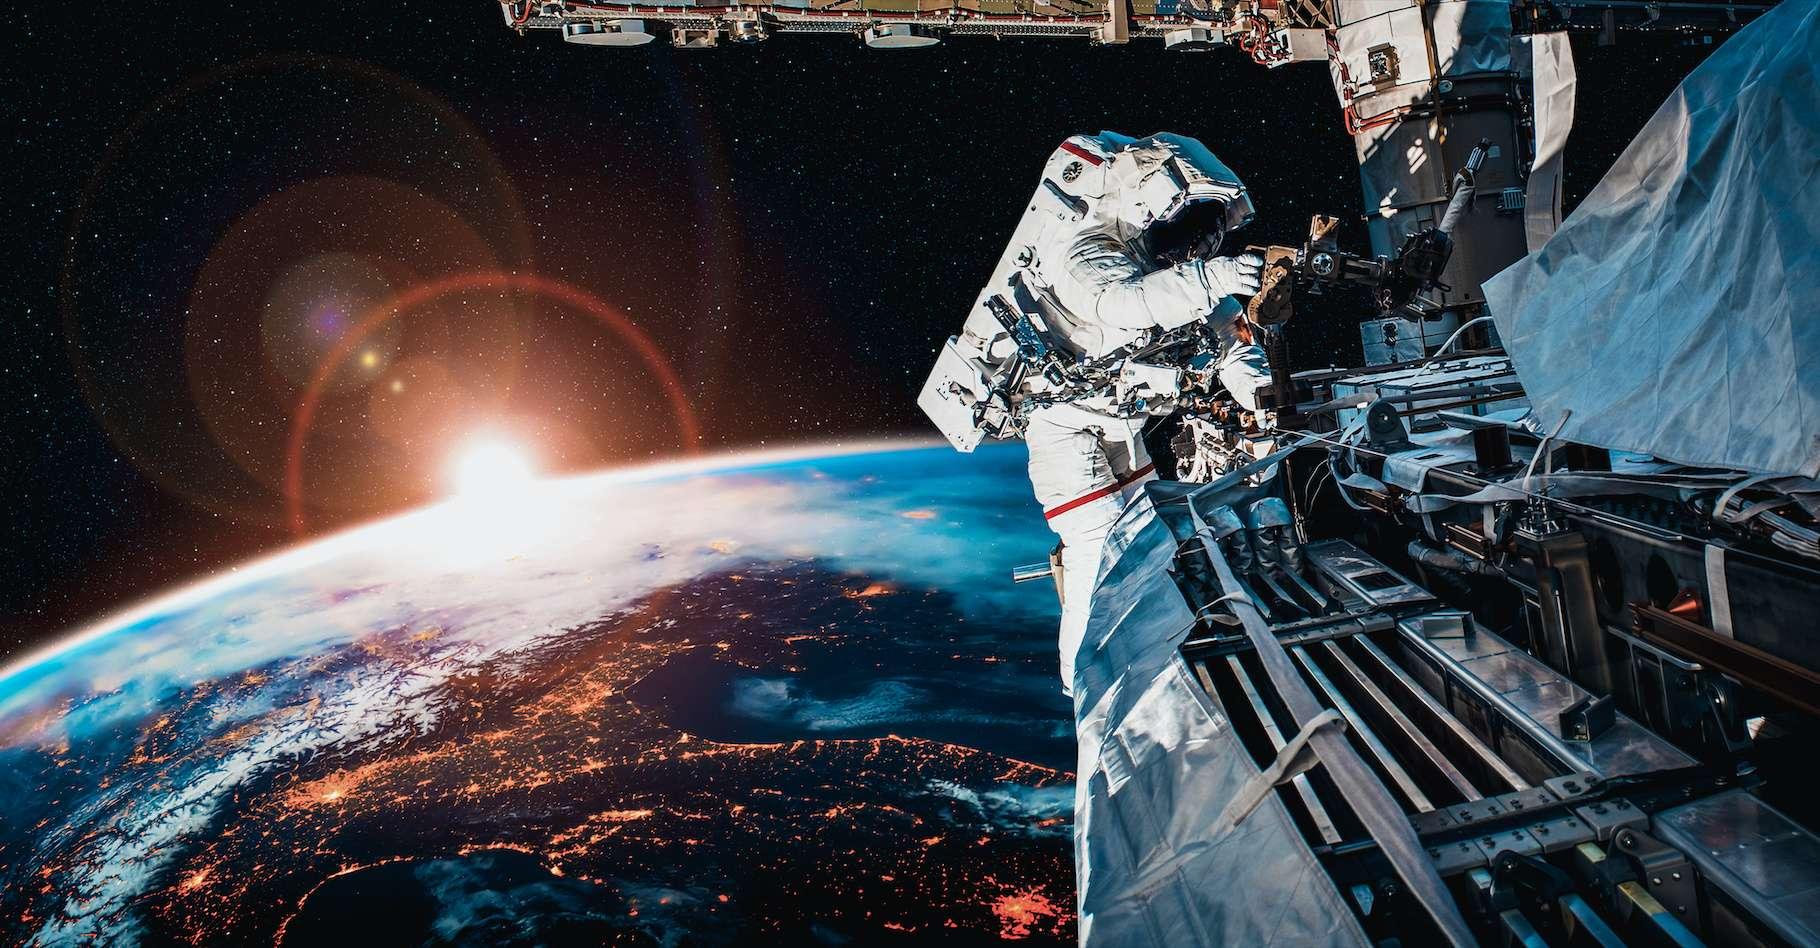 Ce dimanche 12 septembre 2021, Thomas Pesquet est devenu l'astronaute de l'Agence spatiale européenne (ESA) qui a passé le plus de temps en sortie extravéhiculaire : 39 heures et 54 minutes. Ici, une photo d'illustration. © Blue Planet Studio, Adobe Stock